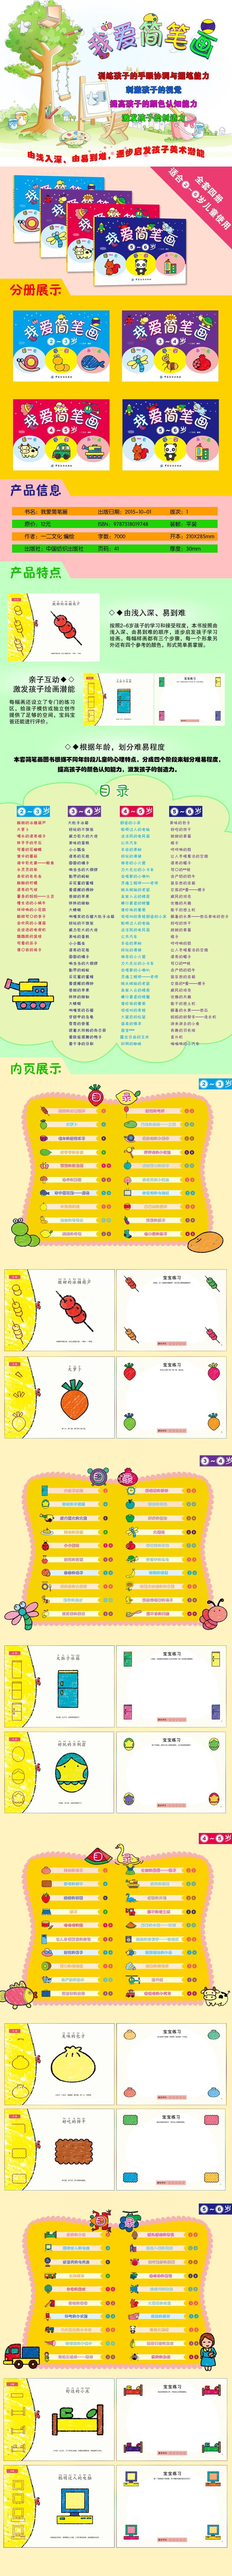 《我爱简笔画(2~3岁)》(一二文化.)【简介